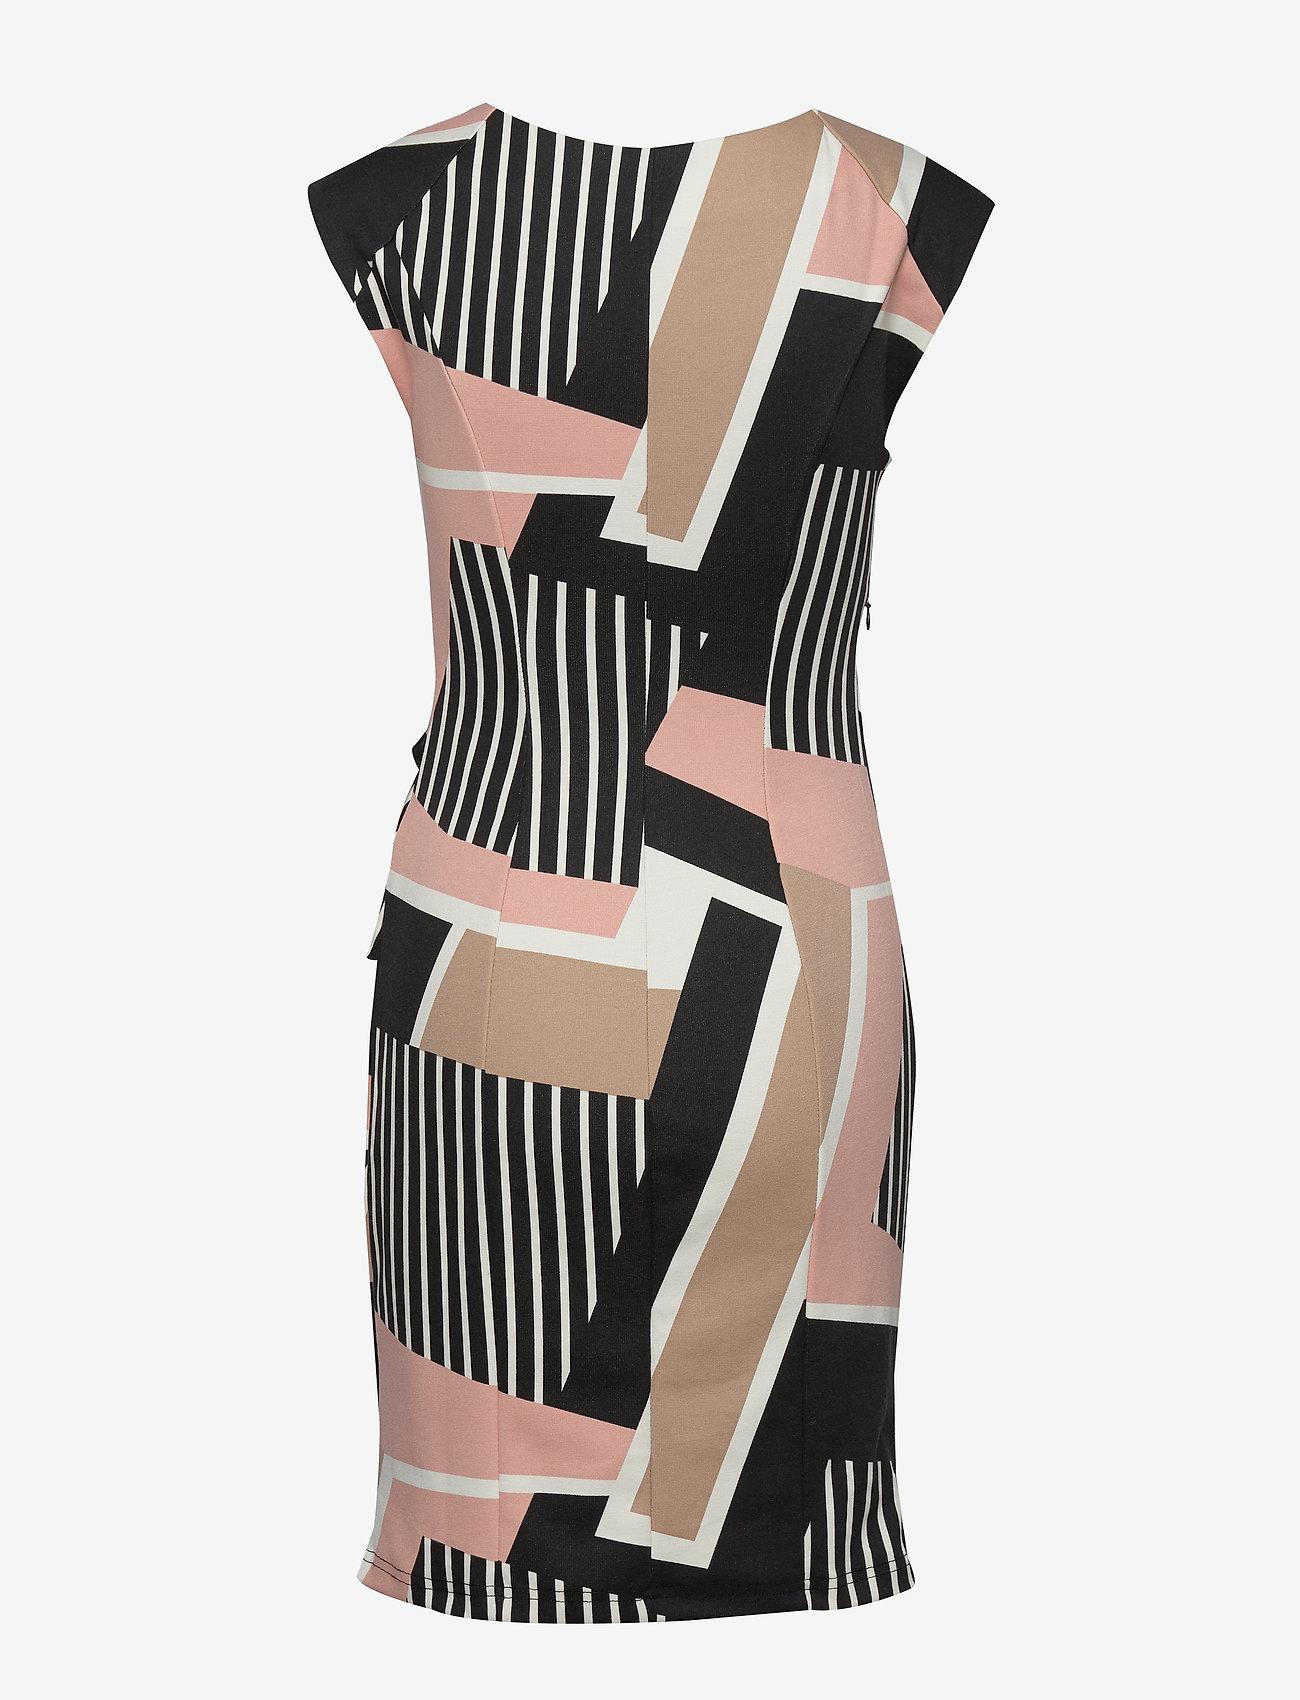 Kamina India Dress (Peach Beige) (58.47 €) - Kaffe N8swk